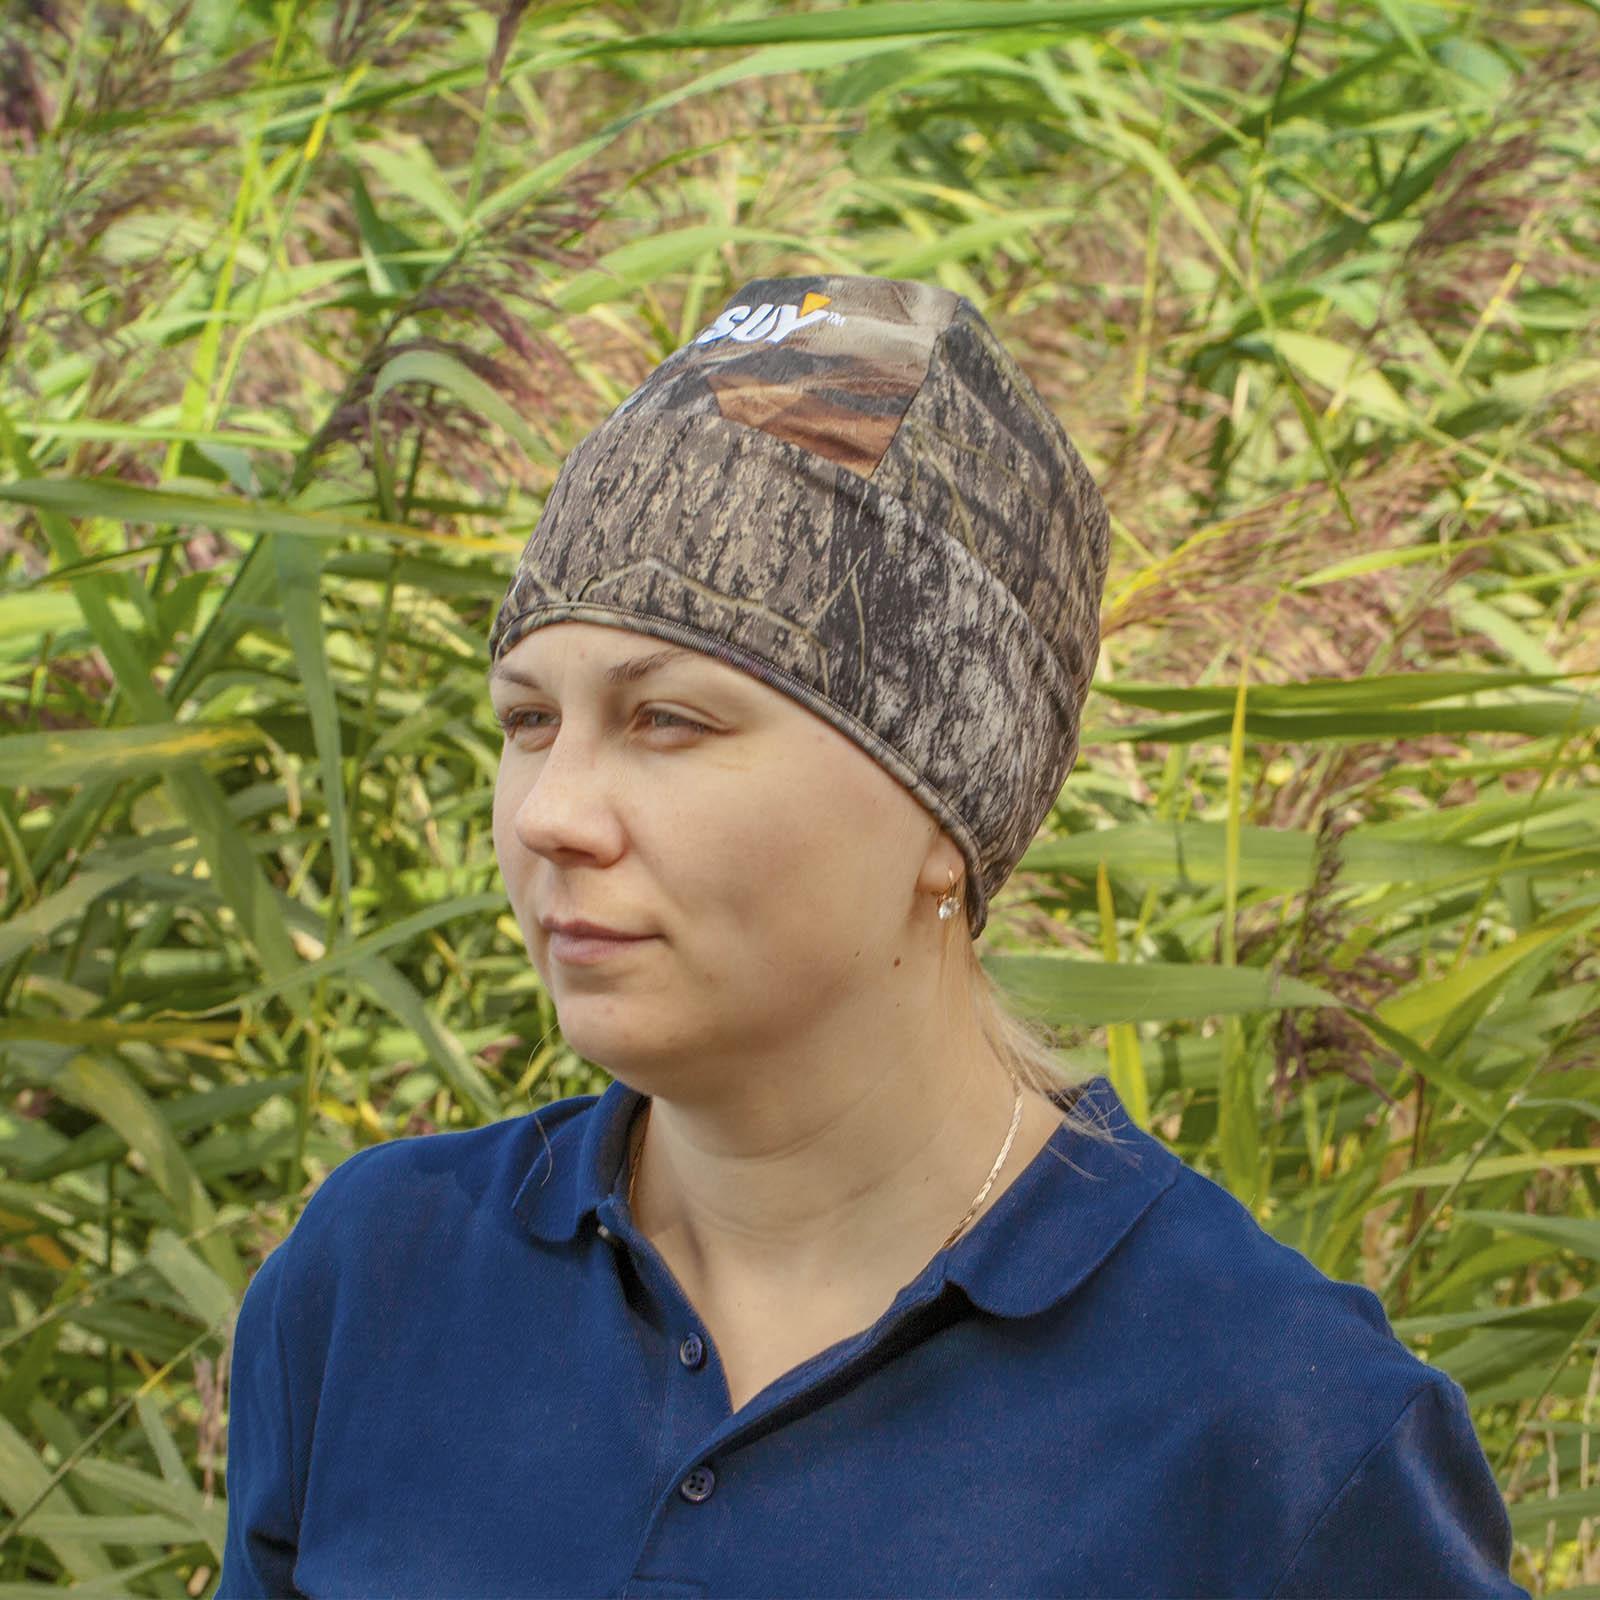 Лучшая маскирующая одежда для охотников – камуфляжные шапки SUY